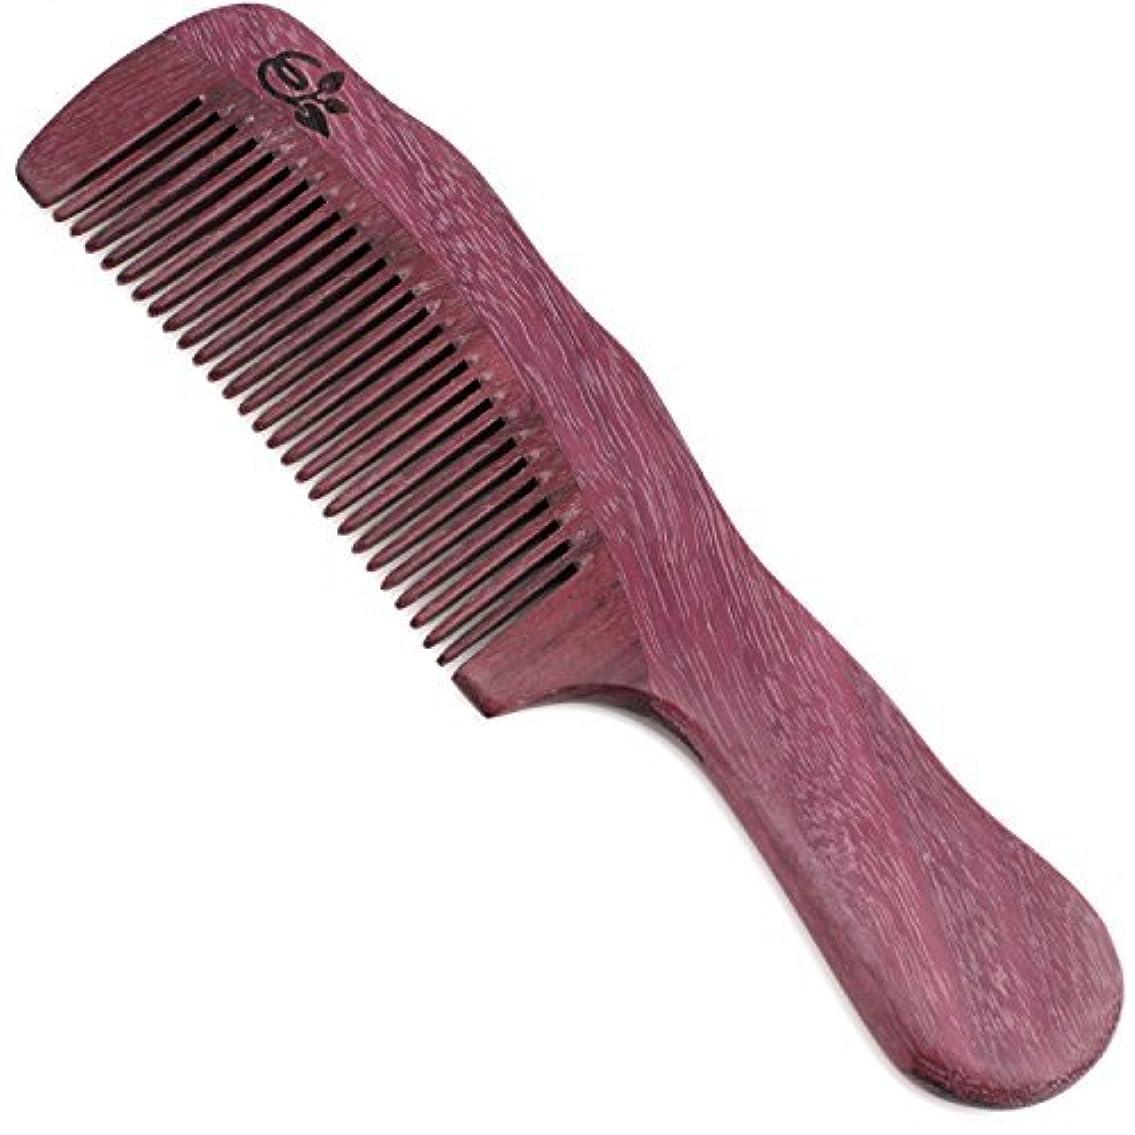 どちらも目の前の軽くEvolatree Purpleheart Wood Comb for Hair - Handmade Natural Wooden Combs with Anti-static & No Snag - Smoothing...